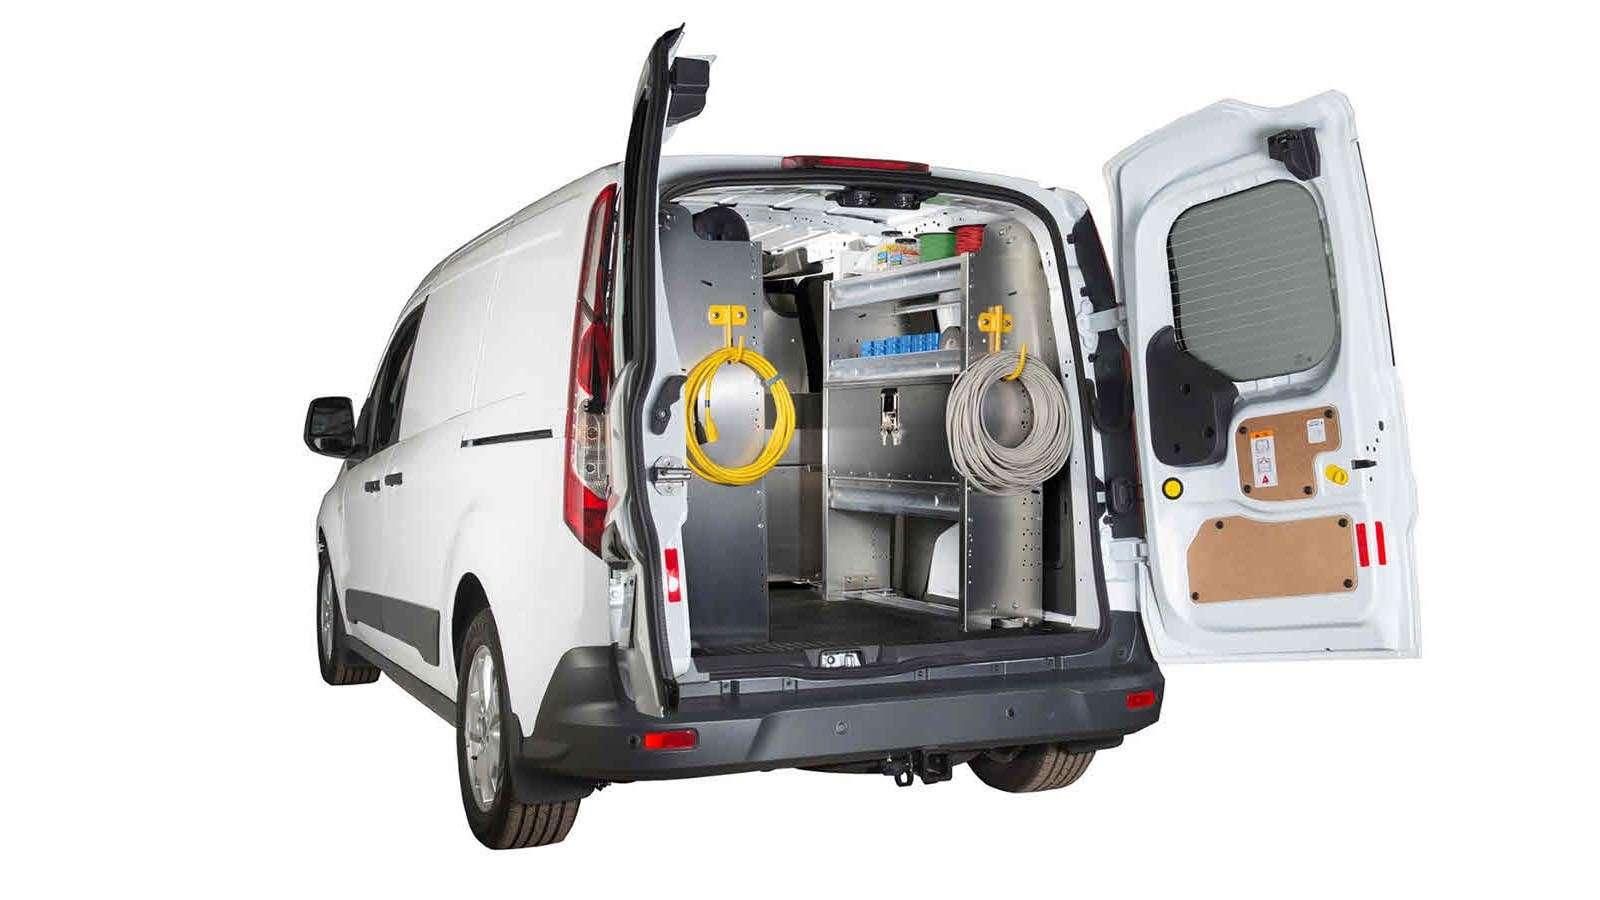 Commercial van cargo management pembroke ontario - Commercial van interior accessories ...